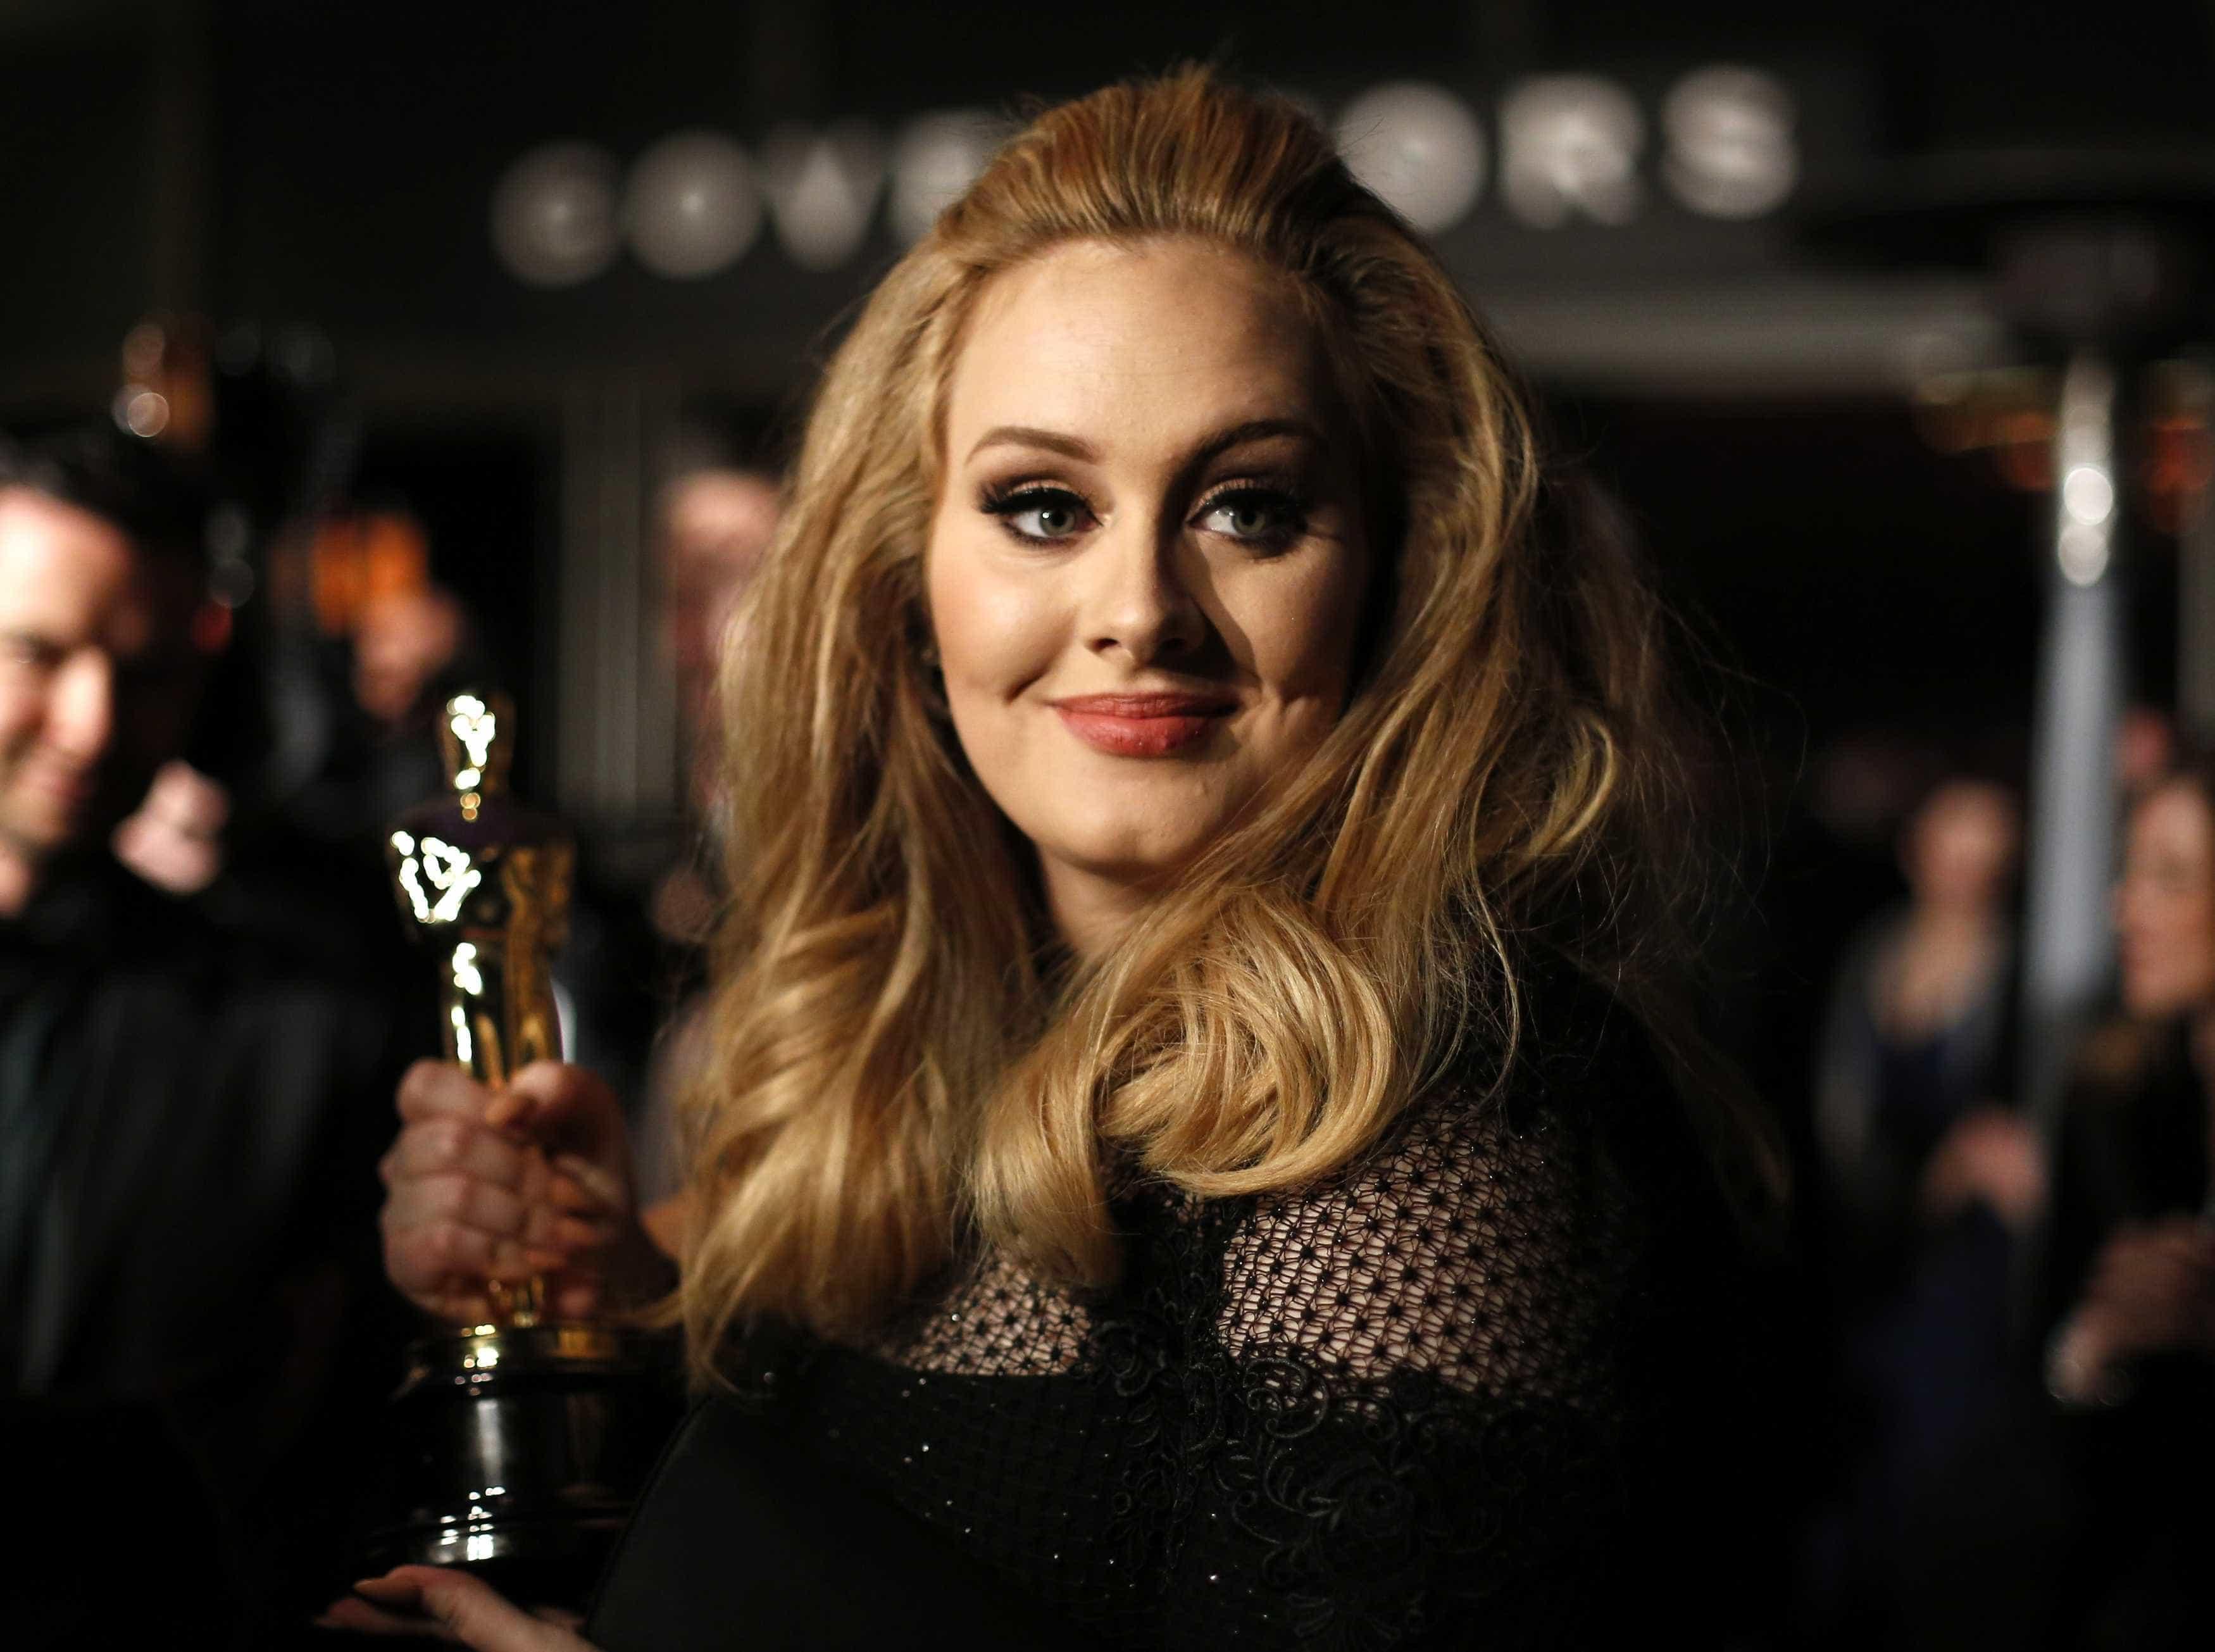 Adele e Jennifer Lawrence divertem-se juntas em bar gay